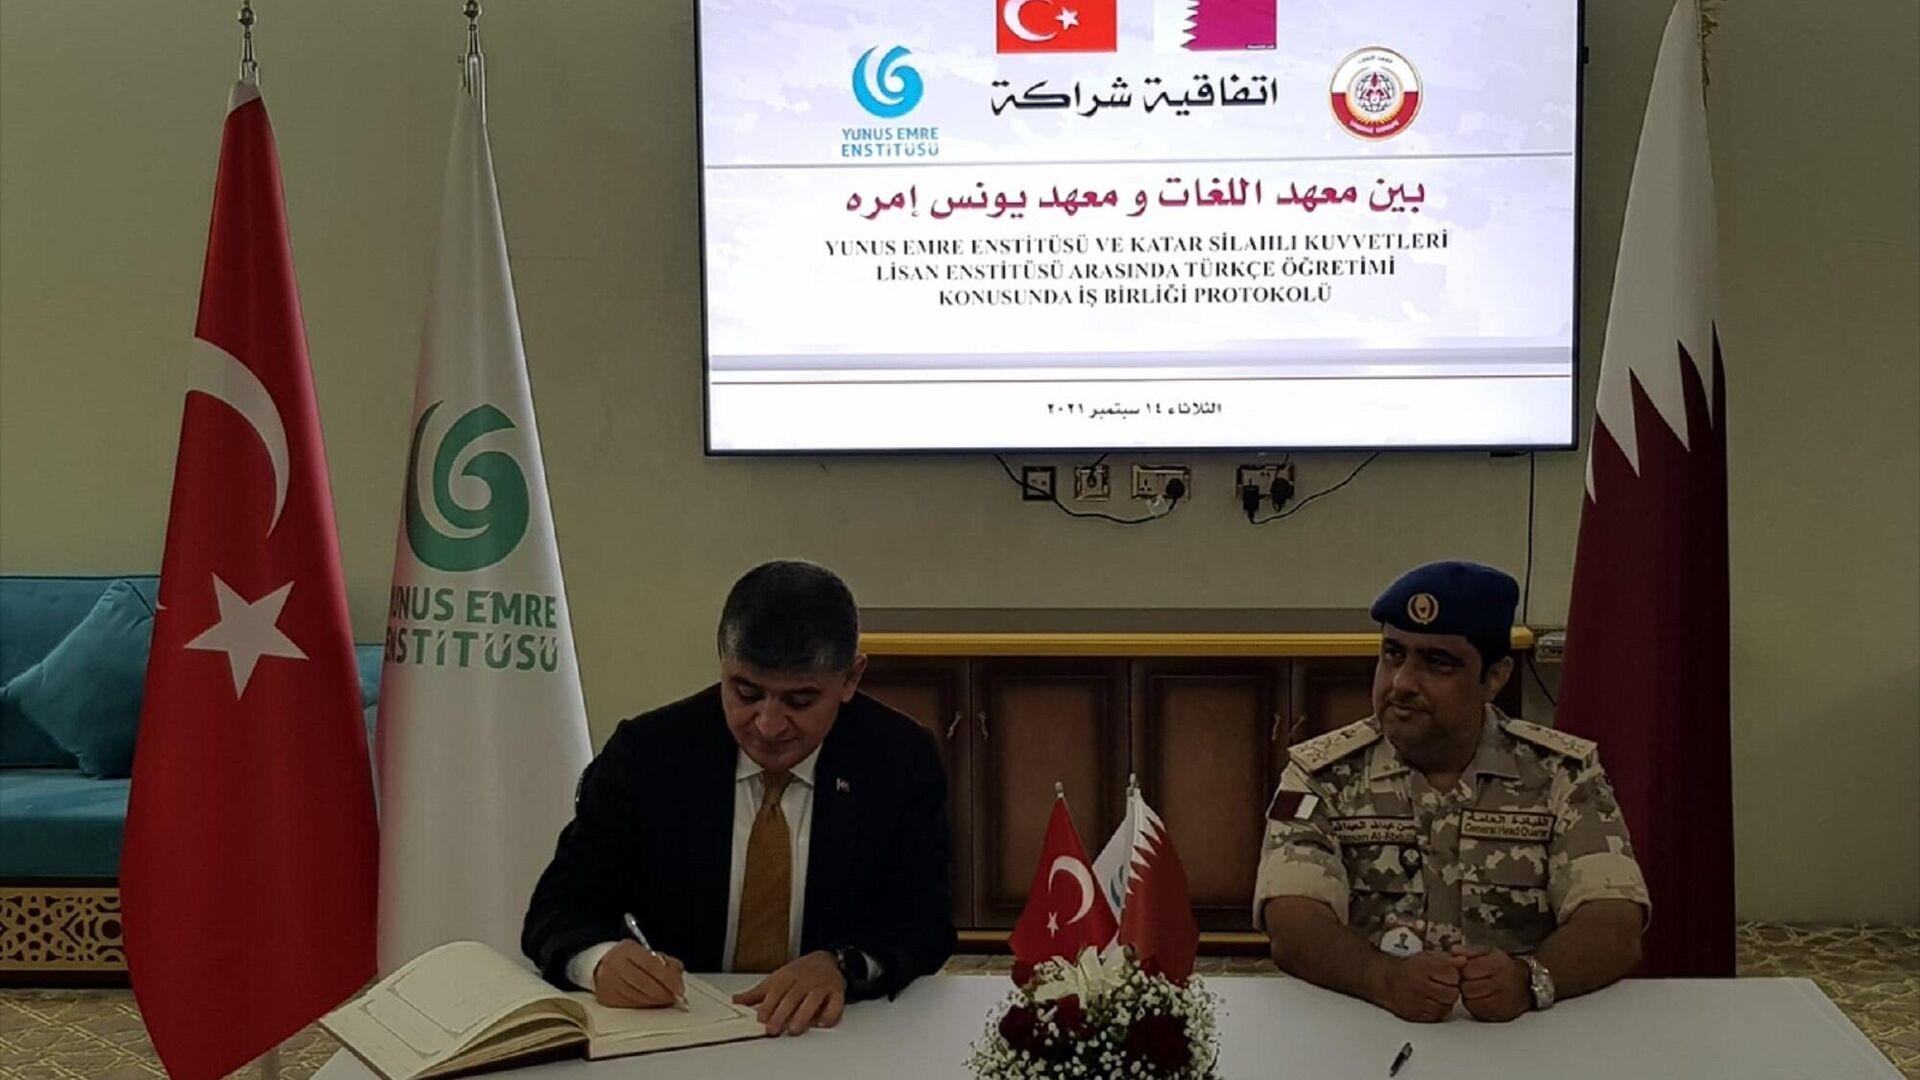 Yunus Emre Enstitüsü (YYE) ile Katar Silahlı Kuvvetleri Dil Okulu arasında Türkçe kursu eğitimi alanında işbirliği anlaşması imzalandı. - Sputnik Türkiye, 1920, 14.09.2021